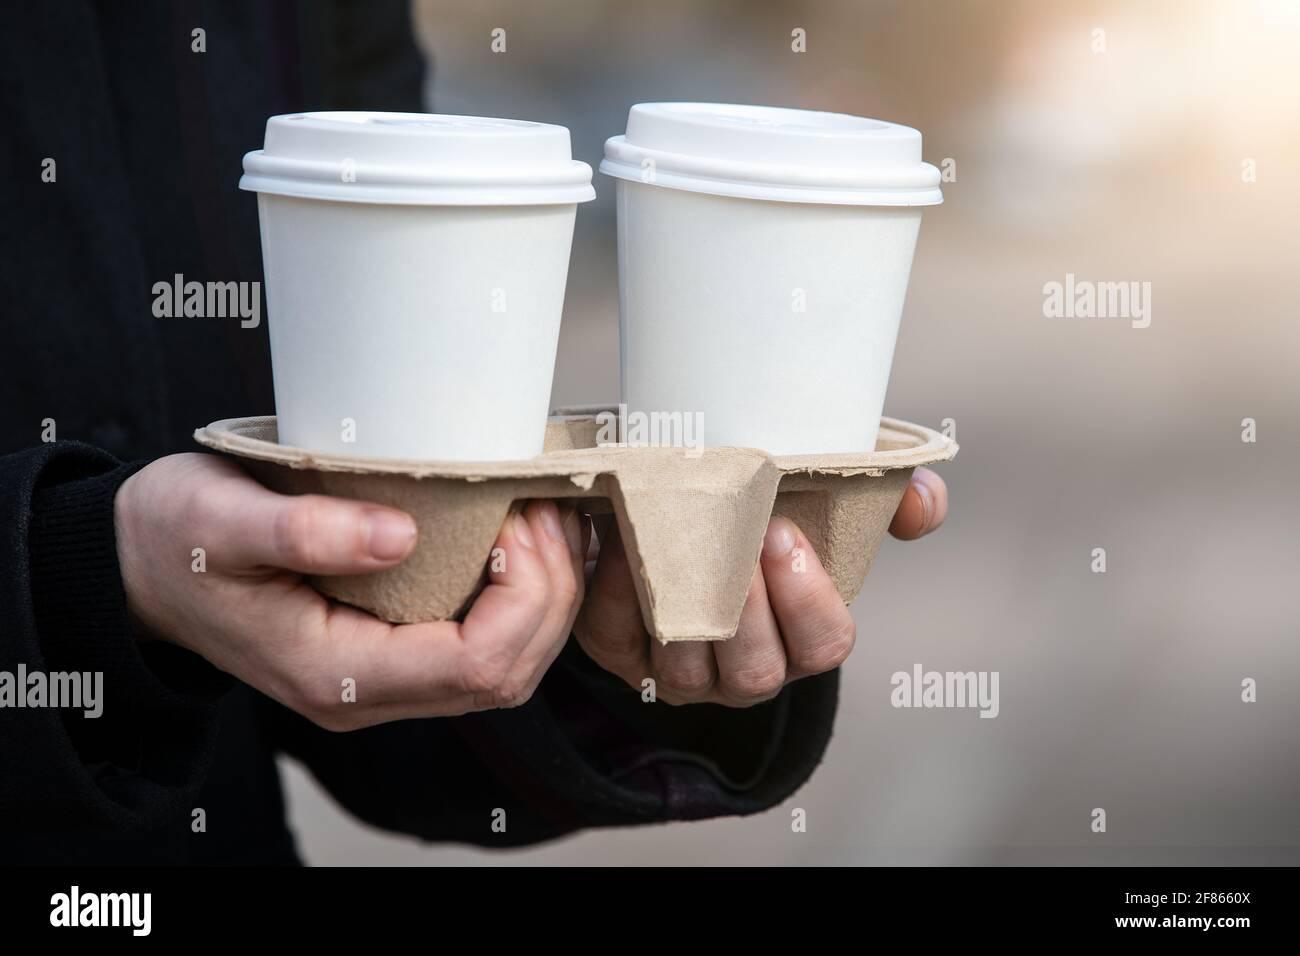 Tazas de café de papel para llevar. Temprano por la mañana, desayuno y comienzo del día de trabajo. Foto de stock